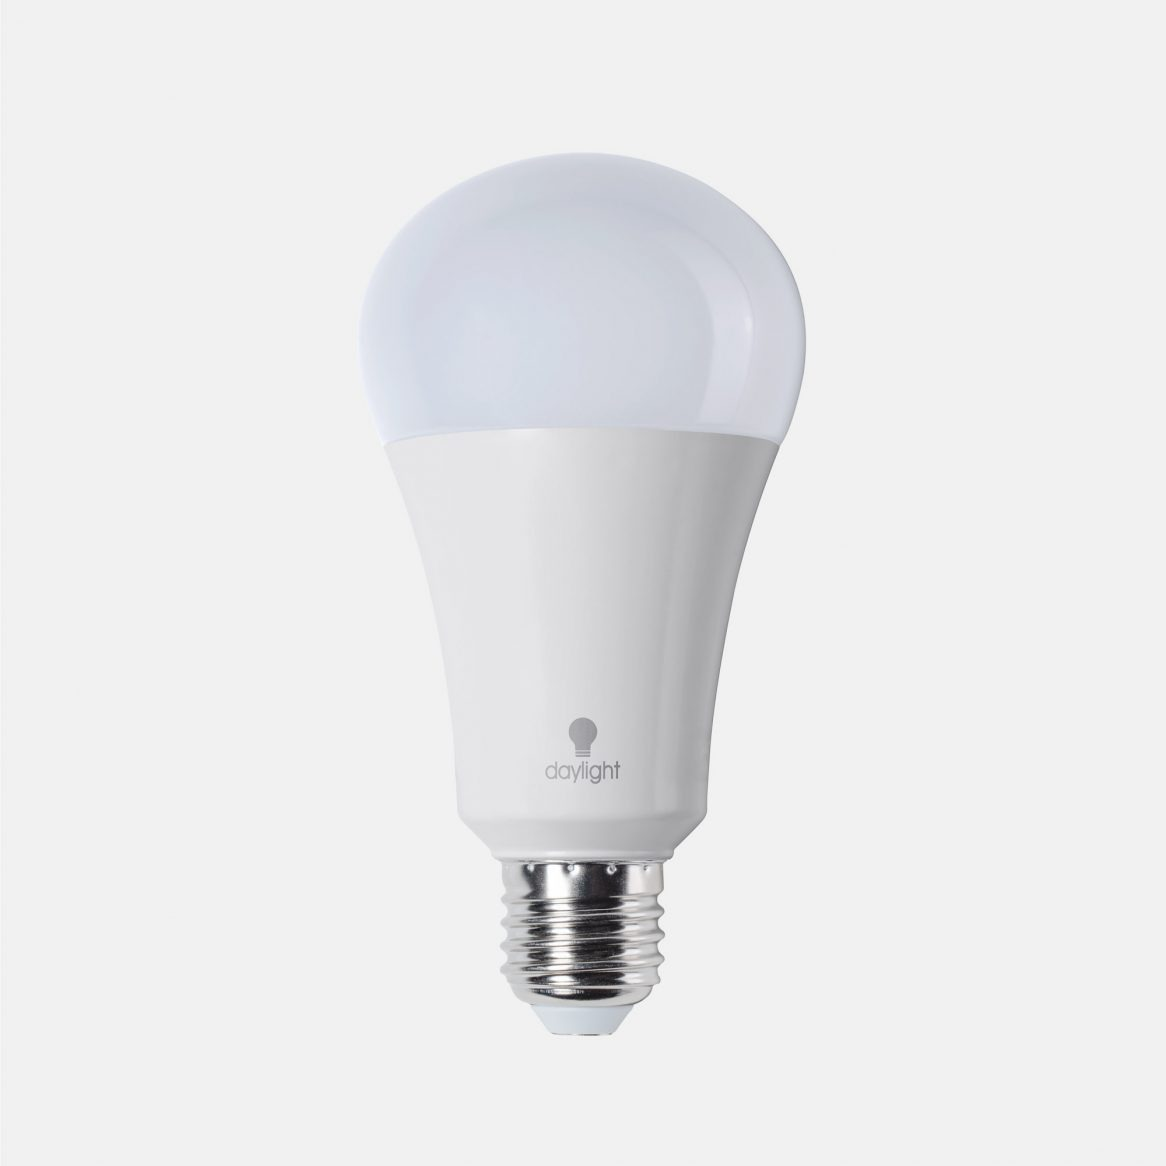 15W daylight LED Bulb (ES)